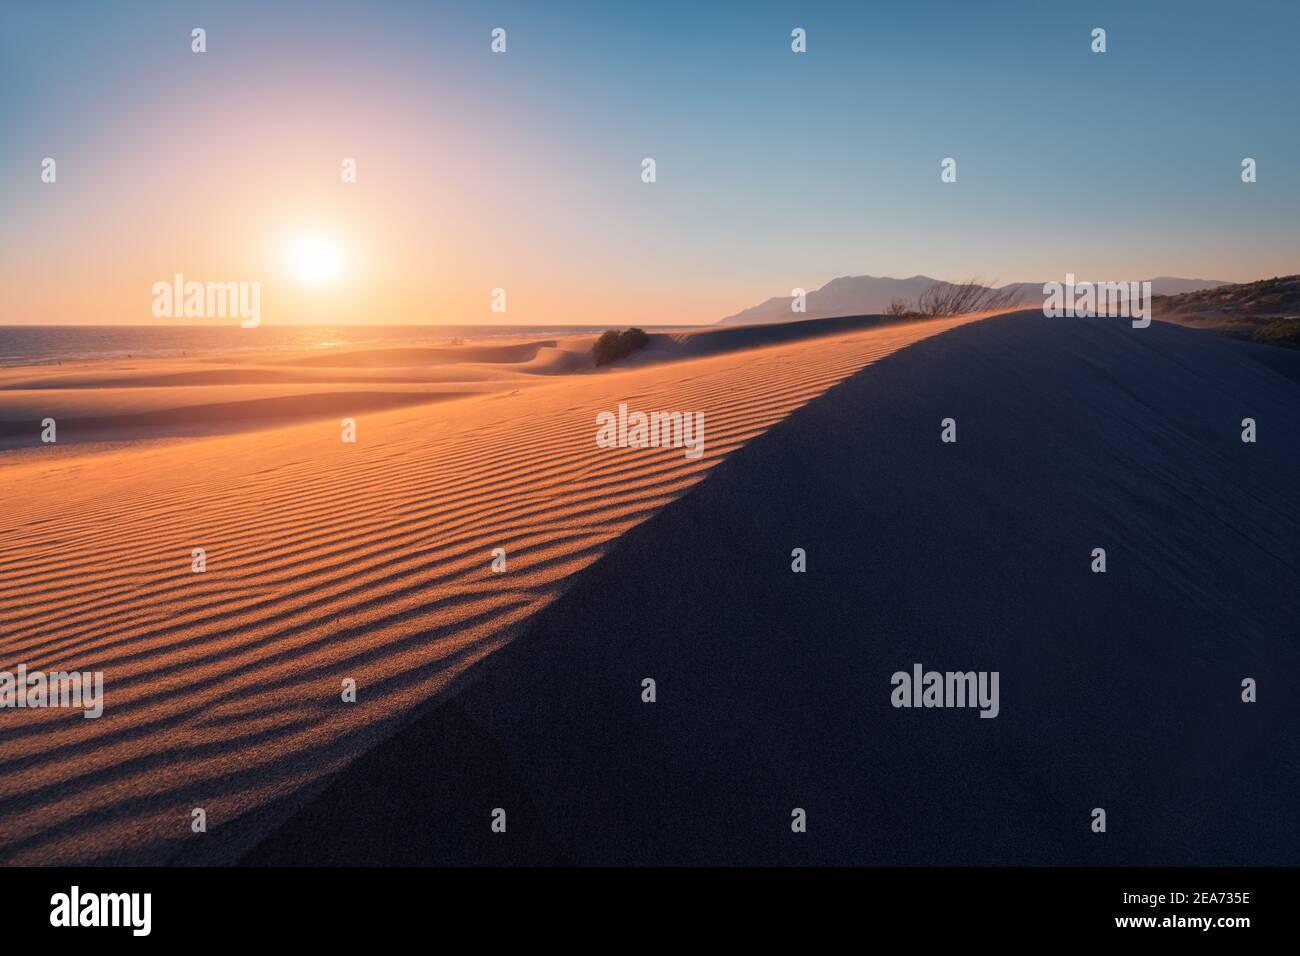 Luce atmosferica e mistica della luce solare del tramonto illuminata il pendio di una duna di sabbia da qualche parte nelle profondità Del deserto del Sahara Foto Stock